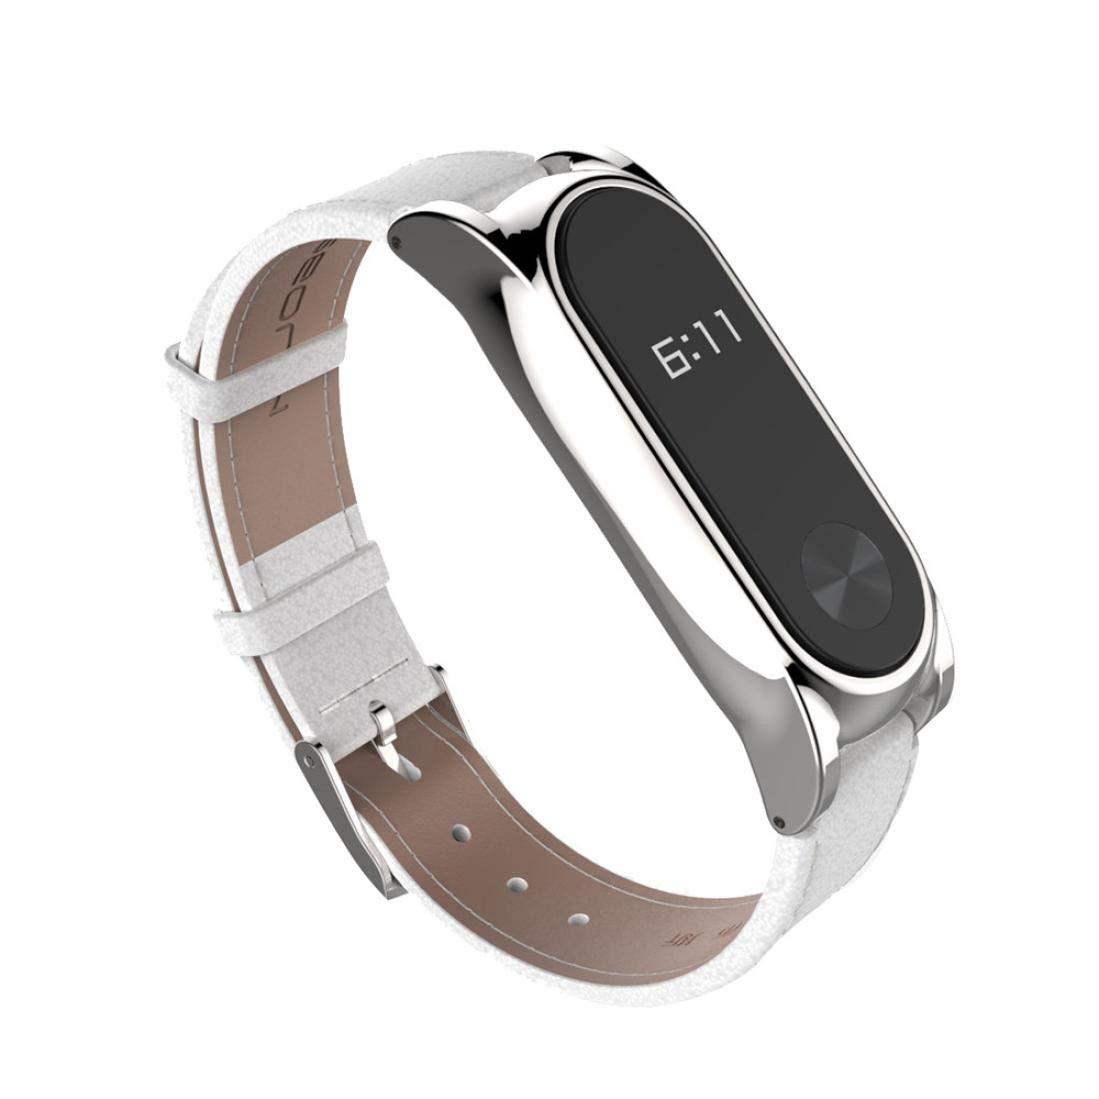 Bestow Xiaomi Miband 2 Mijoas Correa de Elegante Gadgets de Electrš®nica Pulsera de Cuero mš¢s Correa de Cuero de Gamuza con Reloj de (Rojo + Plata) (tamaño ...